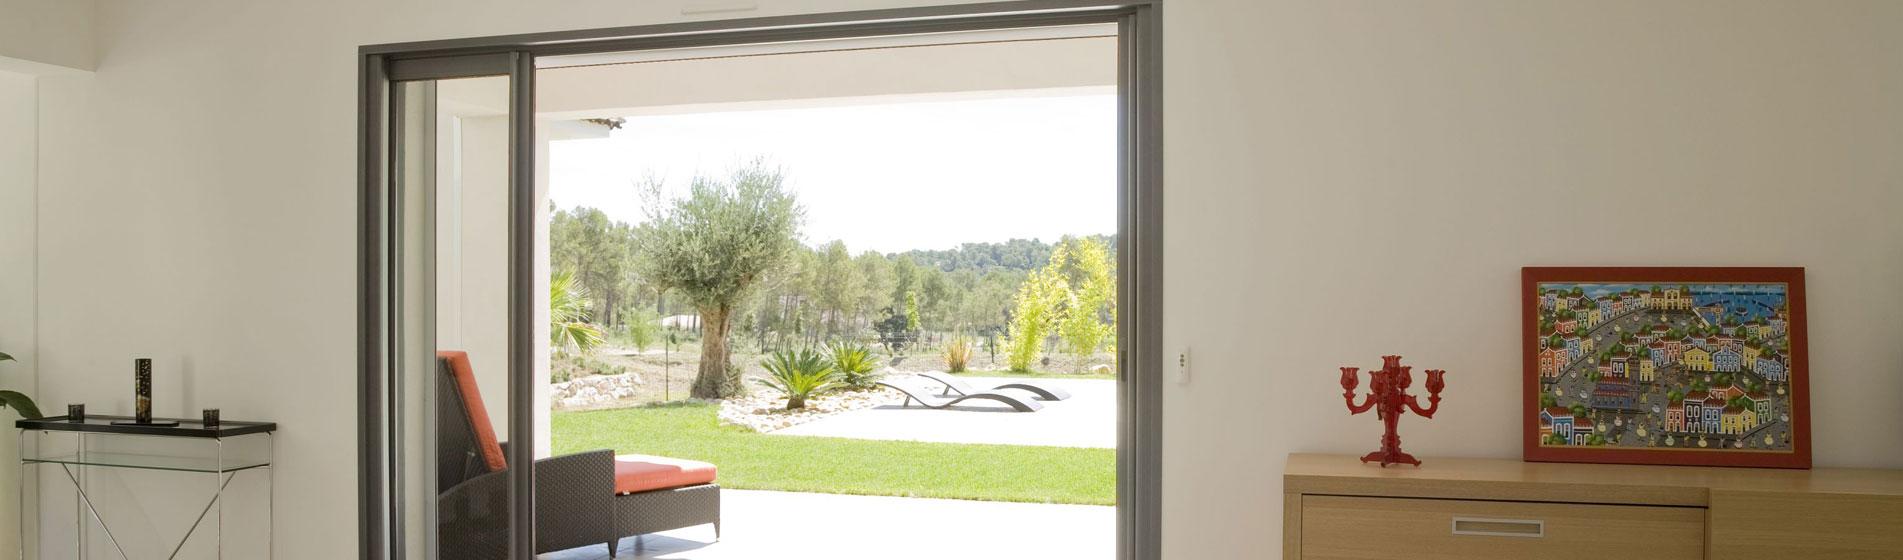 installer baie vitrée sur-mesure 84 Vaucluse